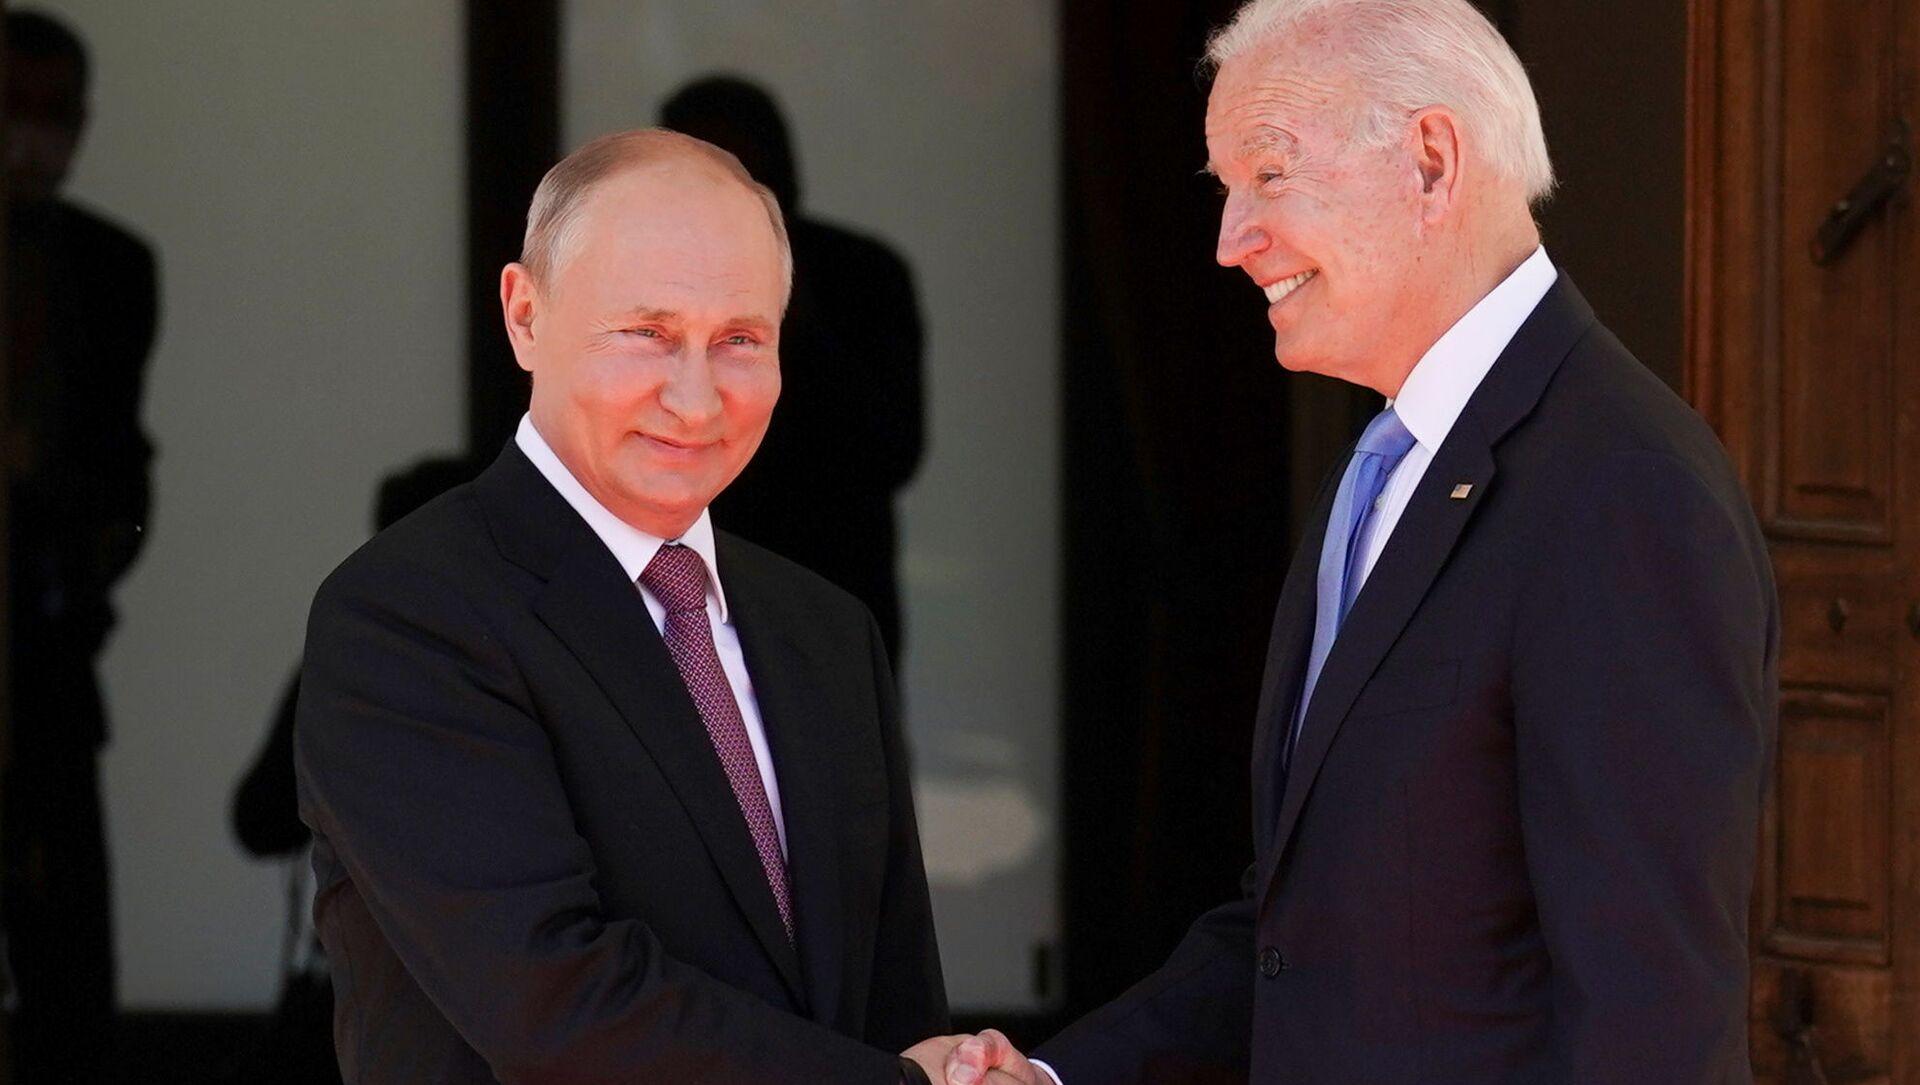 Cuộc gặp đầu tiên giữa hai vị Tổng thống Putin và Biden tại Geneva. - Sputnik Việt Nam, 1920, 17.06.2021